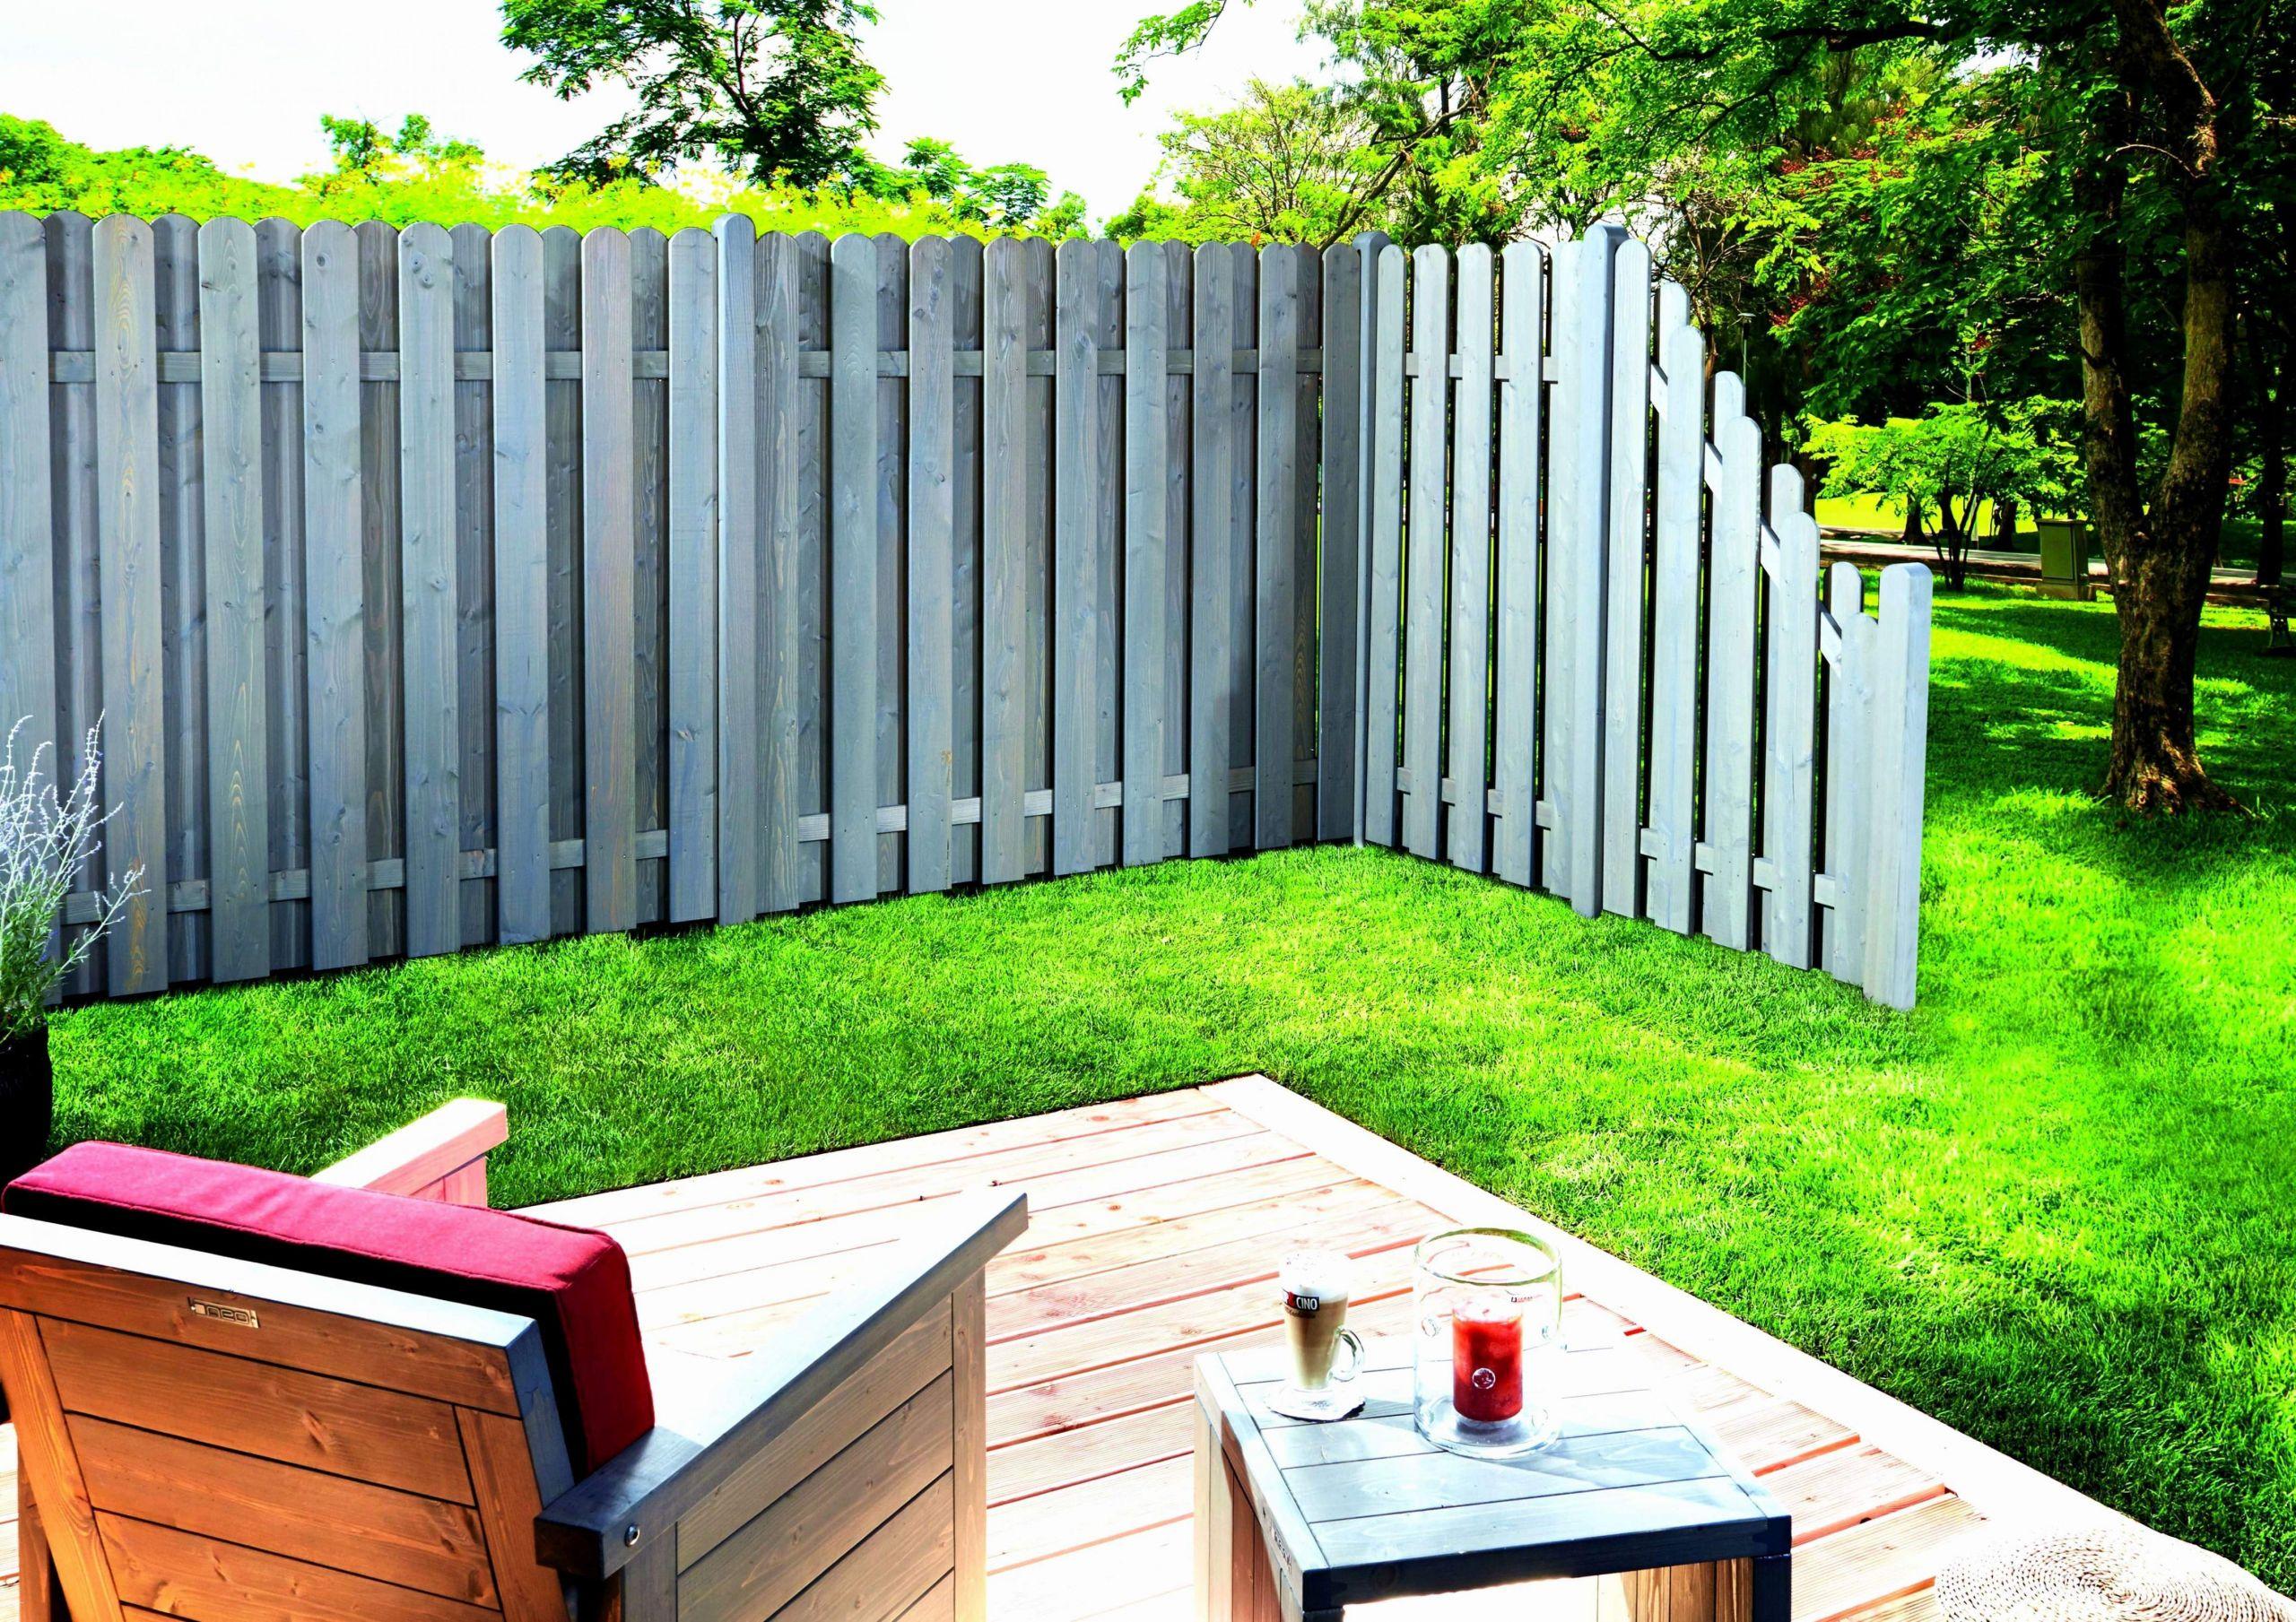 Moderner Sichtschutz Für Garten Das Beste Von Grüner Sichtschutz Garten — Temobardz Home Blog